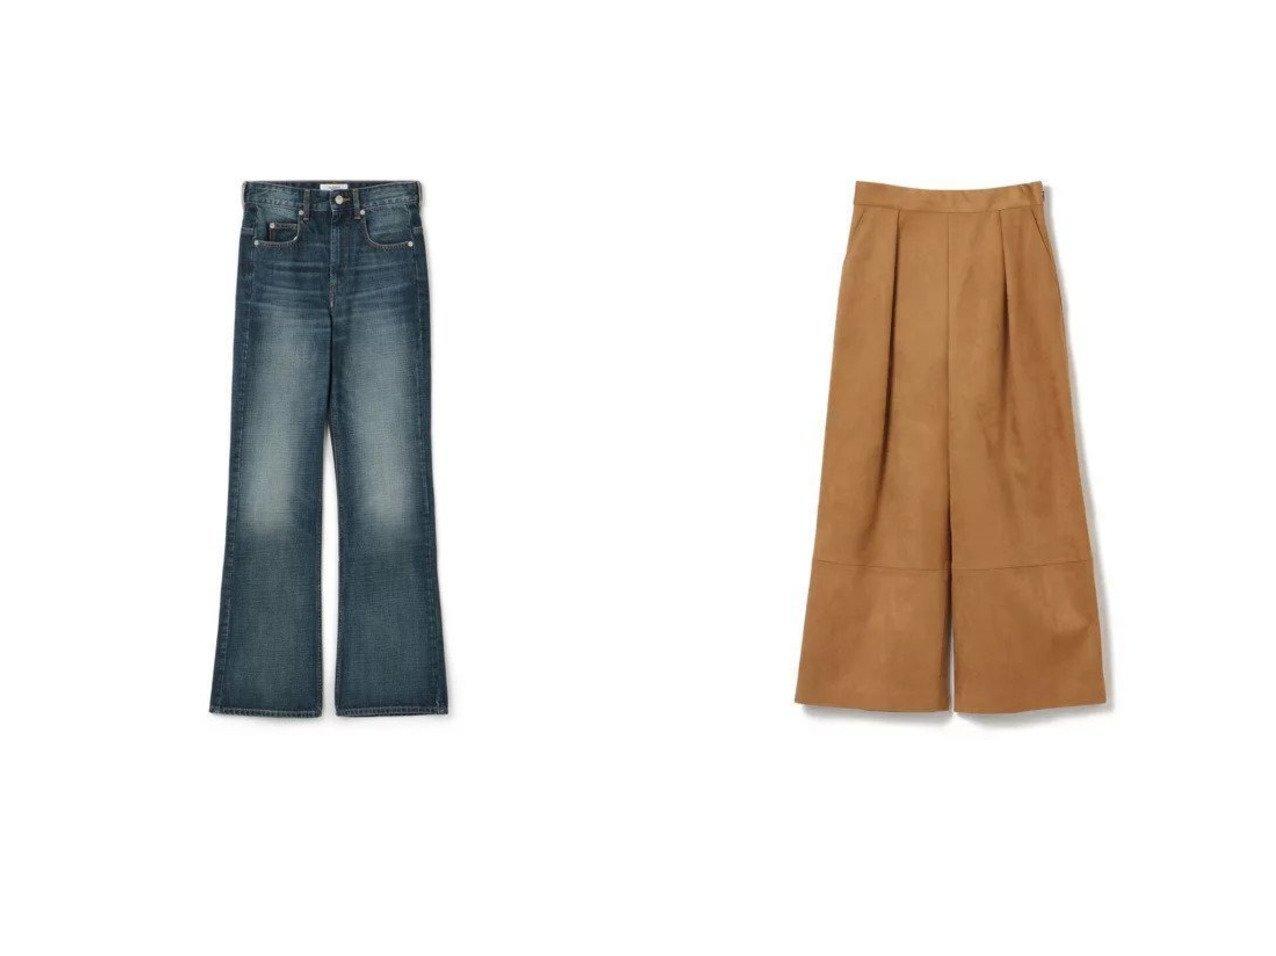 【LE CIEL BLEU/ルシェル ブルー】のSuedettePants&【ISABEL MARANT ETOILE/イザベル マラン】のIM Eパンツ 【パンツ】おすすめ!人気、トレンド・レディースファッションの通販 おすすめで人気の流行・トレンド、ファッションの通販商品 インテリア・家具・メンズファッション・キッズファッション・レディースファッション・服の通販 founy(ファニー) https://founy.com/ ファッション Fashion レディースファッション WOMEN パンツ Pants 2021年 2021 2021-2022秋冬・A/W AW・Autumn/Winter・FW・Fall-Winter・2021-2022 A/W・秋冬 AW・Autumn/Winter・FW・Fall-Winter デニム フレア ポケット メタル レギュラー 秋 Autumn/Fall フェイクレザー ワイド  ID:crp329100000069130